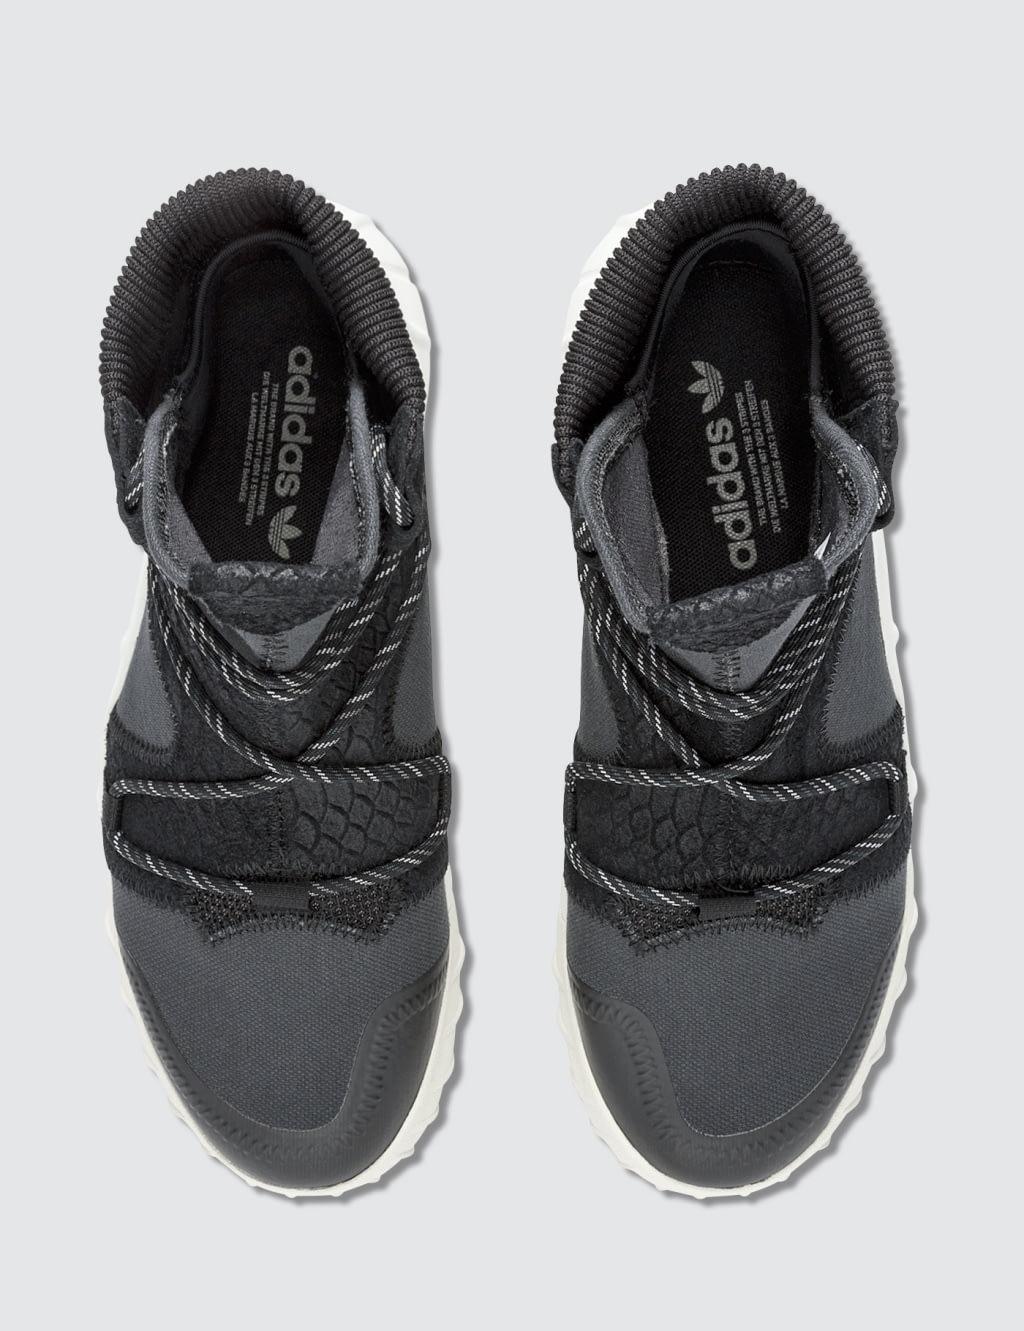 Comprare originali adidas originali per x w in indonesia bobobobo